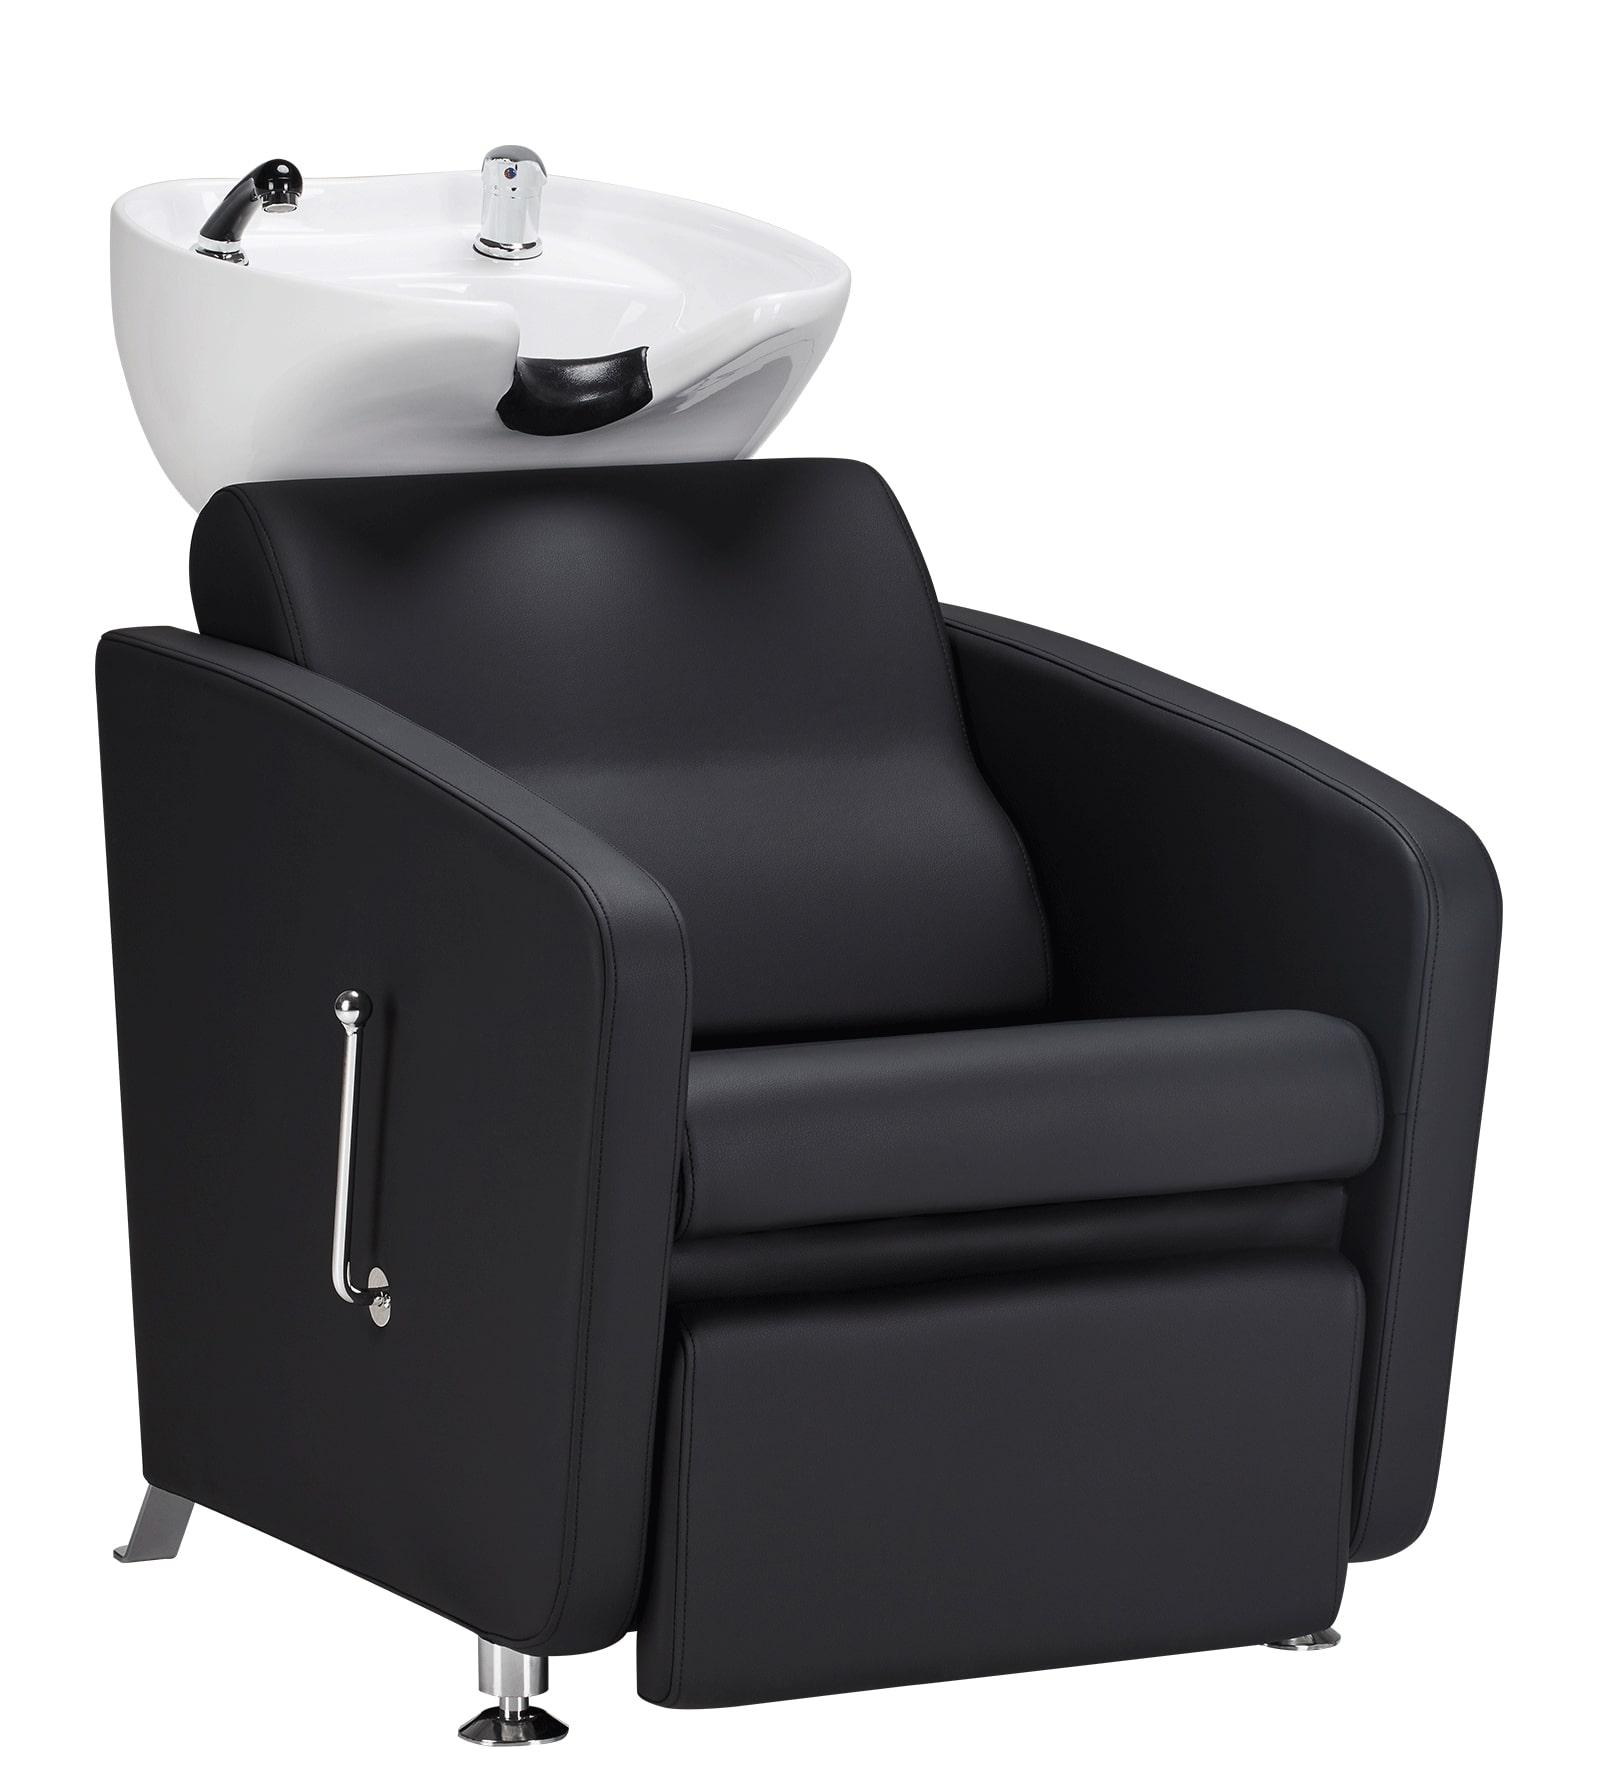 Super Salon Komfort Max - kadernícky umývací box + Ragnar Galaxy - strihací strojček